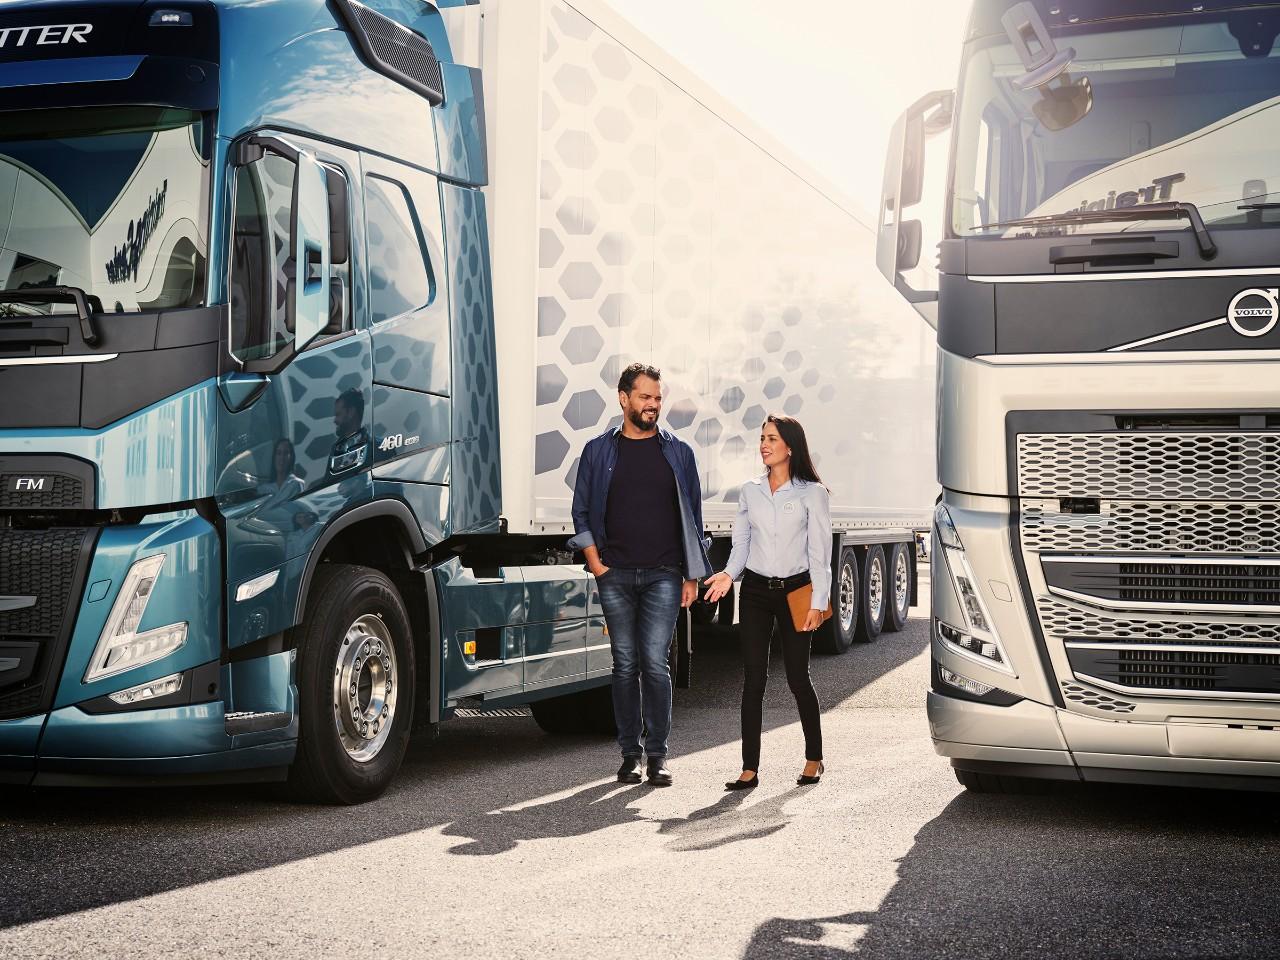 Servizi per i veicoli - Creati su misura per il tuo business